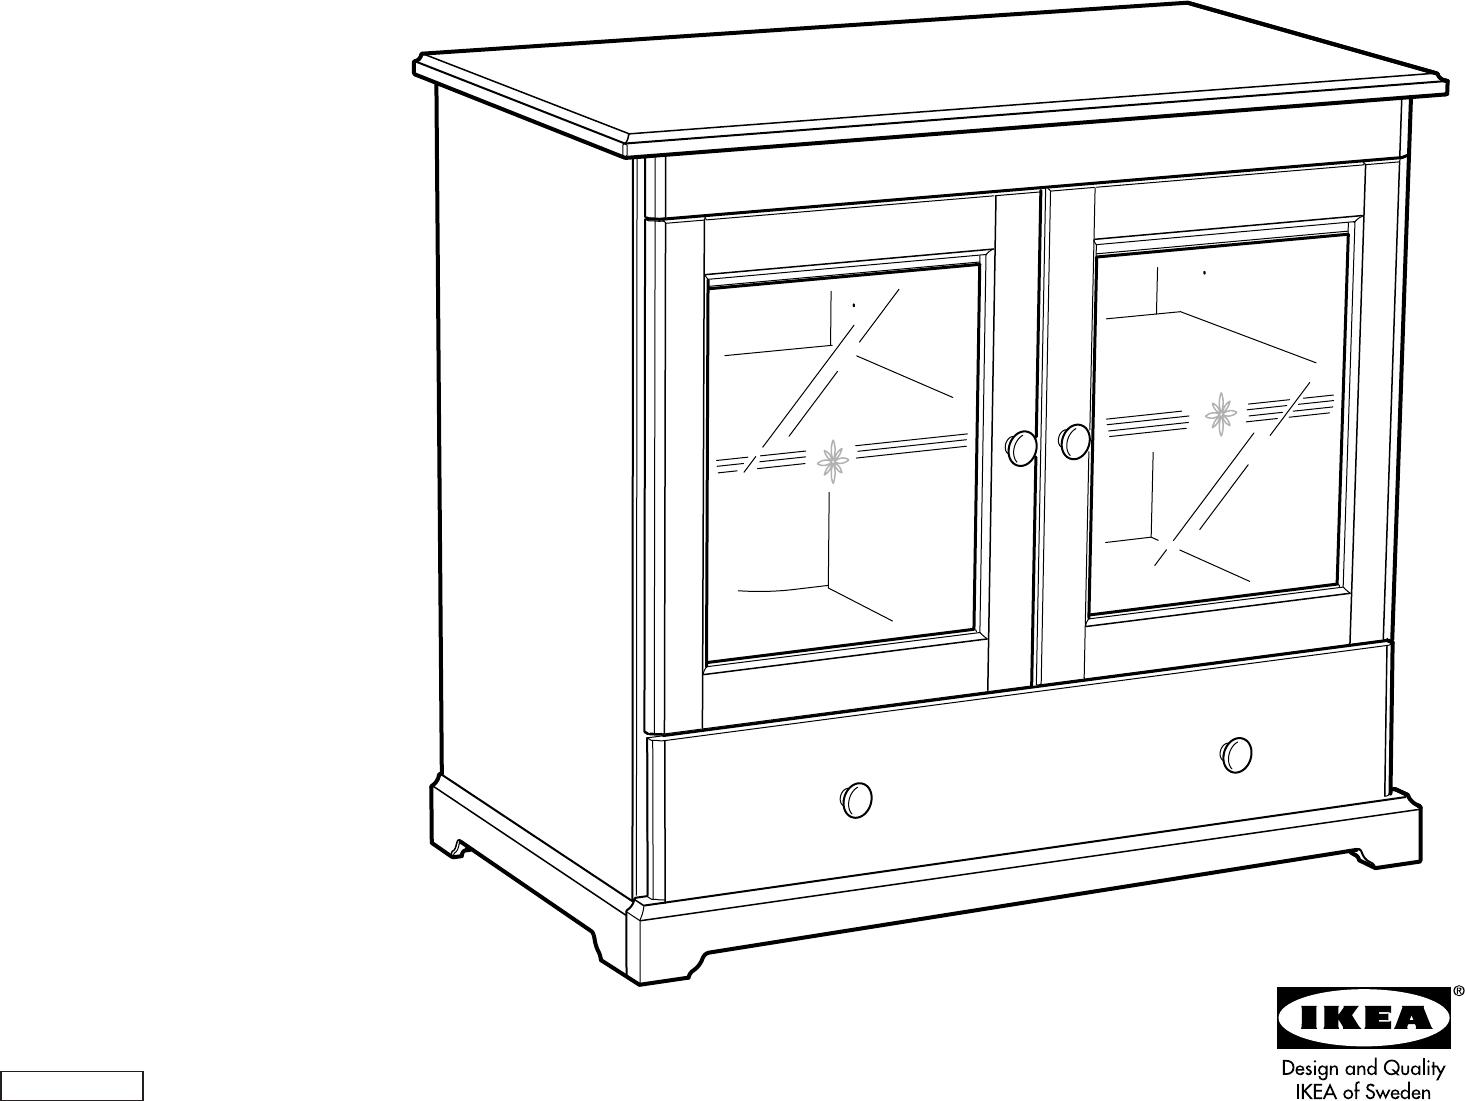 Handleiding Ikea Liatorp Kast Pagina 1 Van 14 Dansk